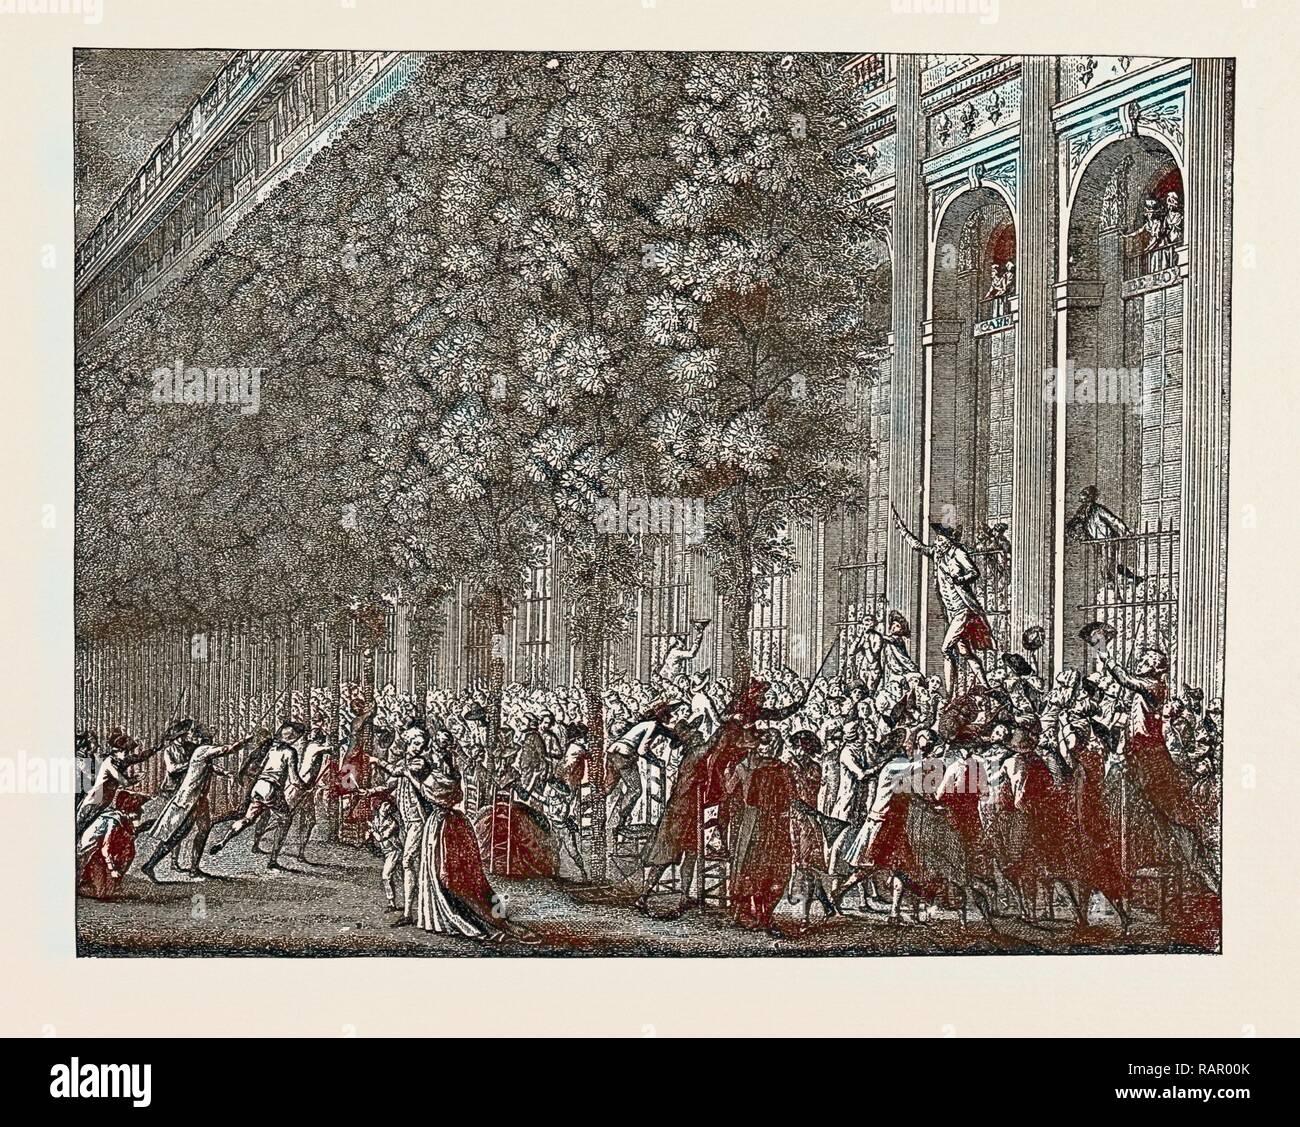 Die französische Revolution: DESMOULINS SAMMELN DIE MENSCHEN AUS DEM CAFÉ DE FOY, IM PALAIS ROYAL, 12. Juli 1789 überarbeitet Stockbild